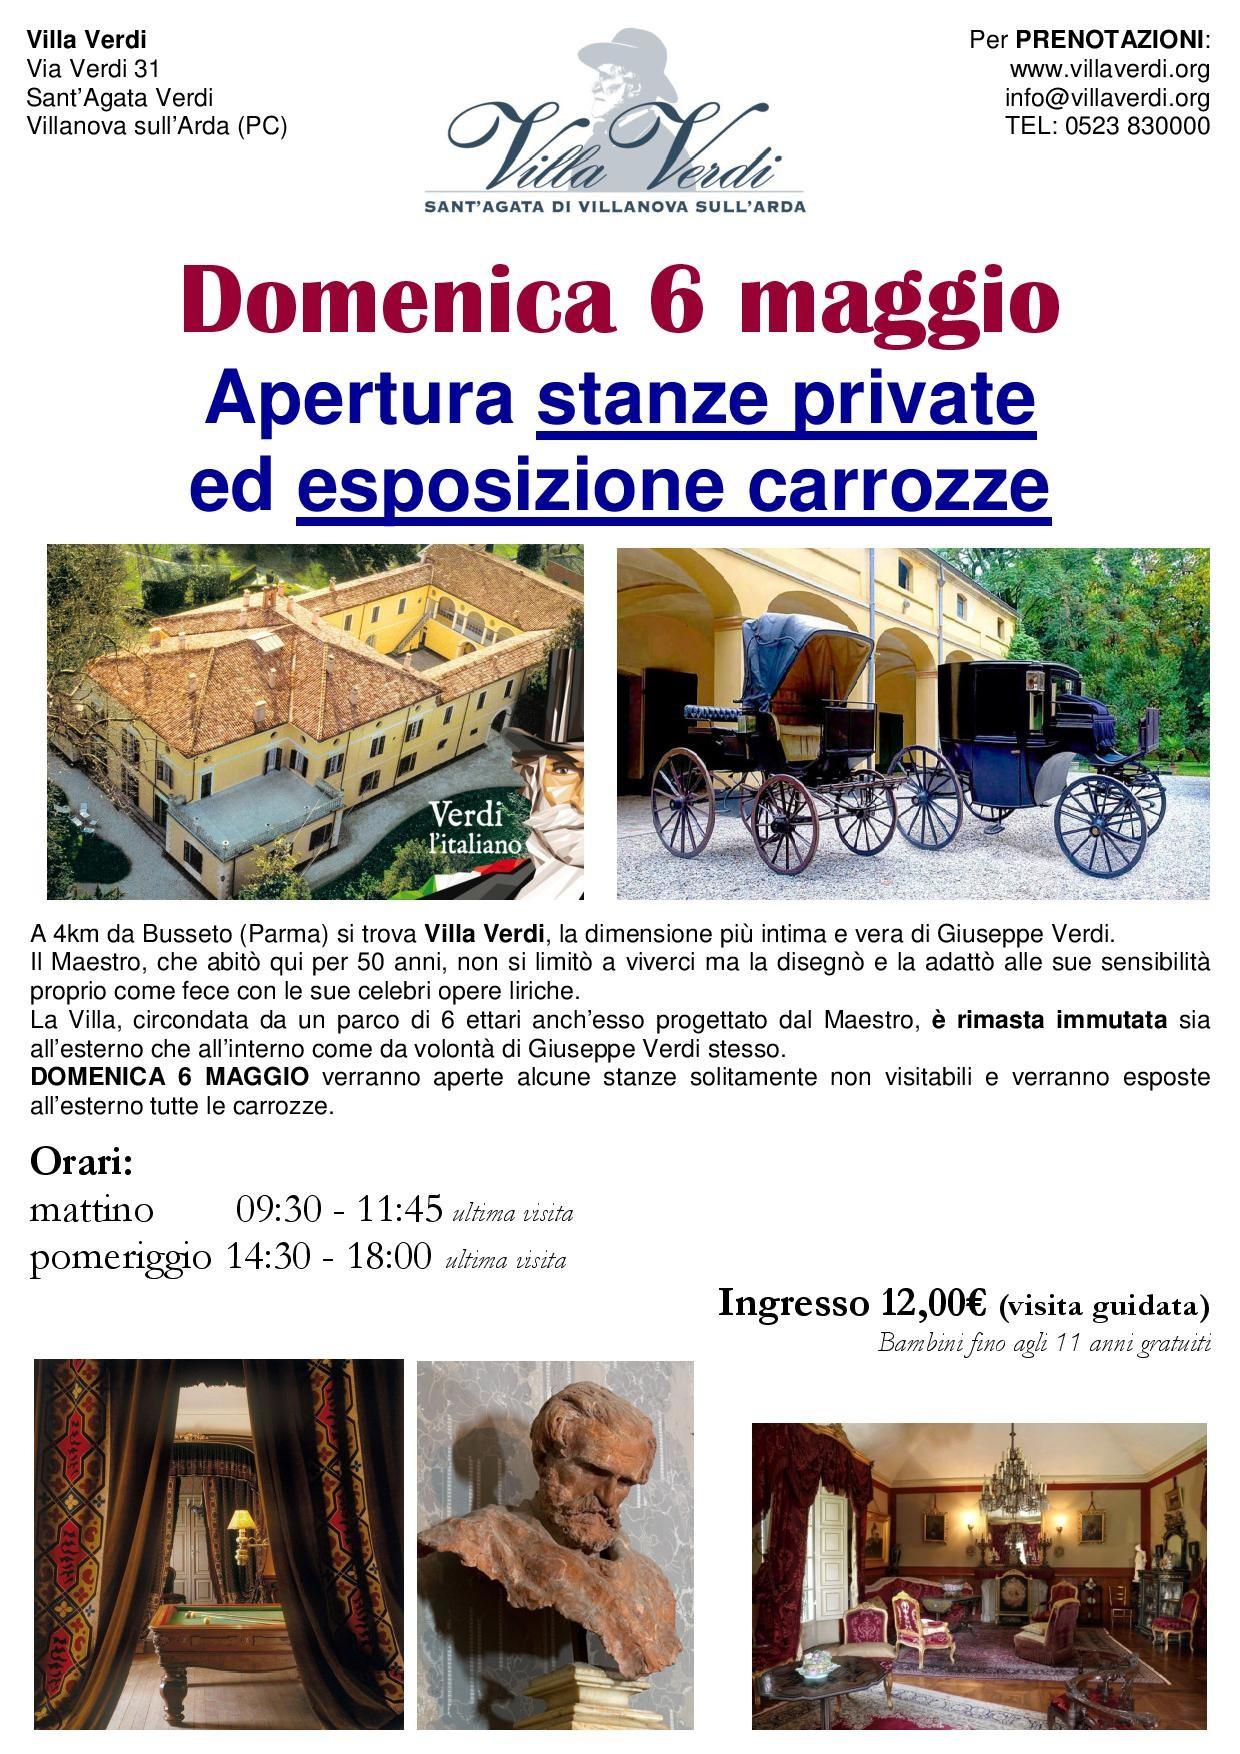 Apertura delle stanze private di Villa Verdi e esposizione carrozze